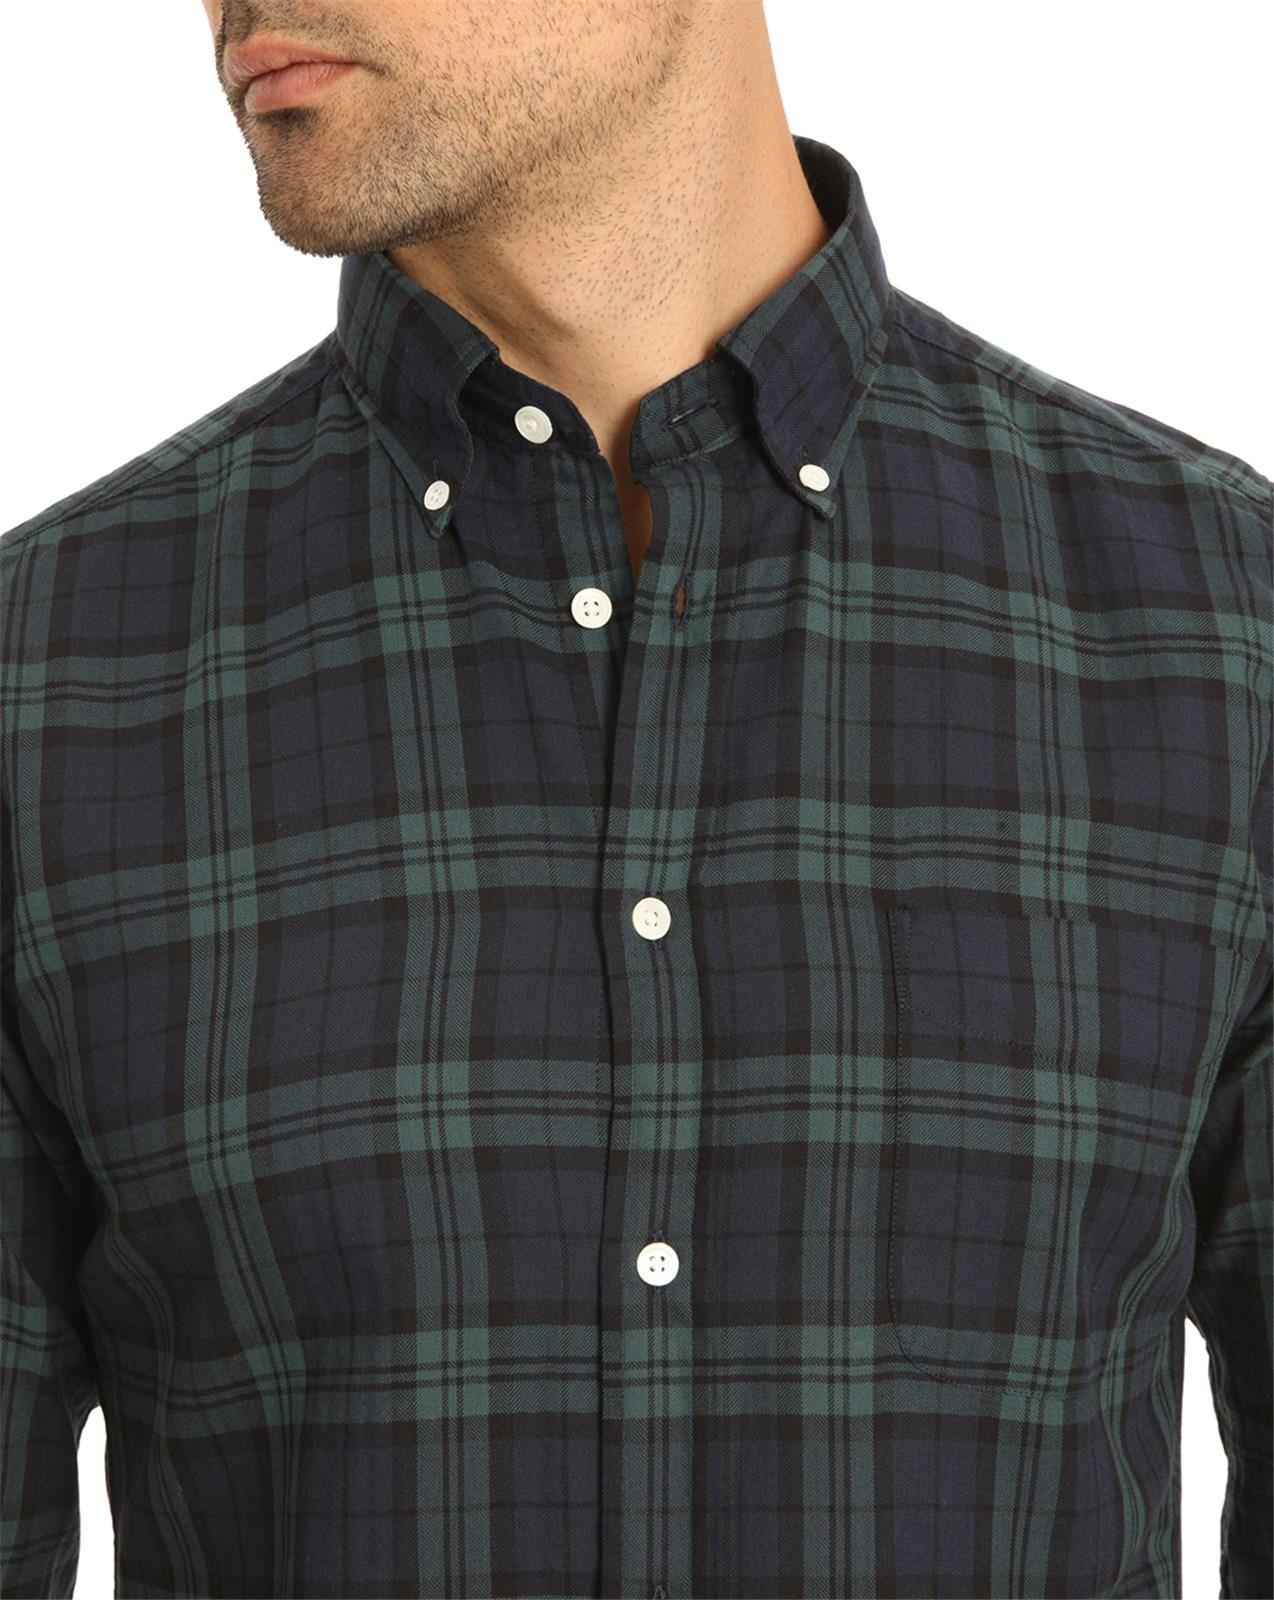 Green tartan shirt mens artee shirt for Blue and green tartan shirt